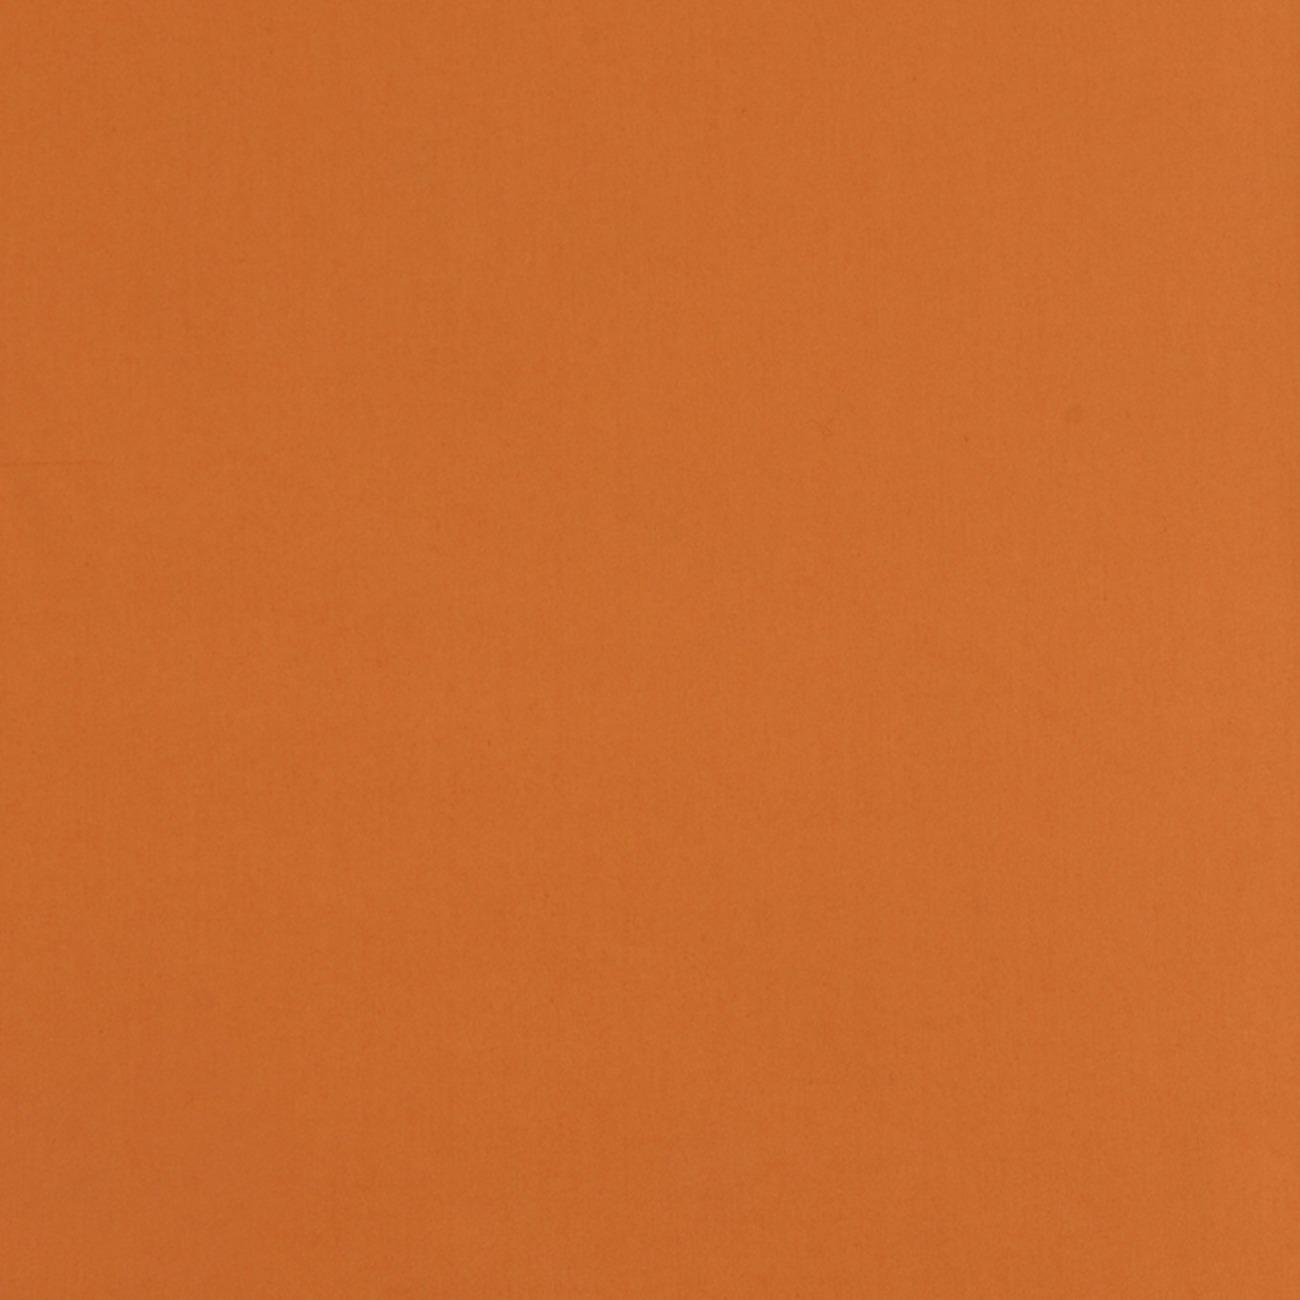 期货 素色斜纹柔软外套连衣裙 短裙 低弹 春夏 风衣 连衣裙 裤 61219-50